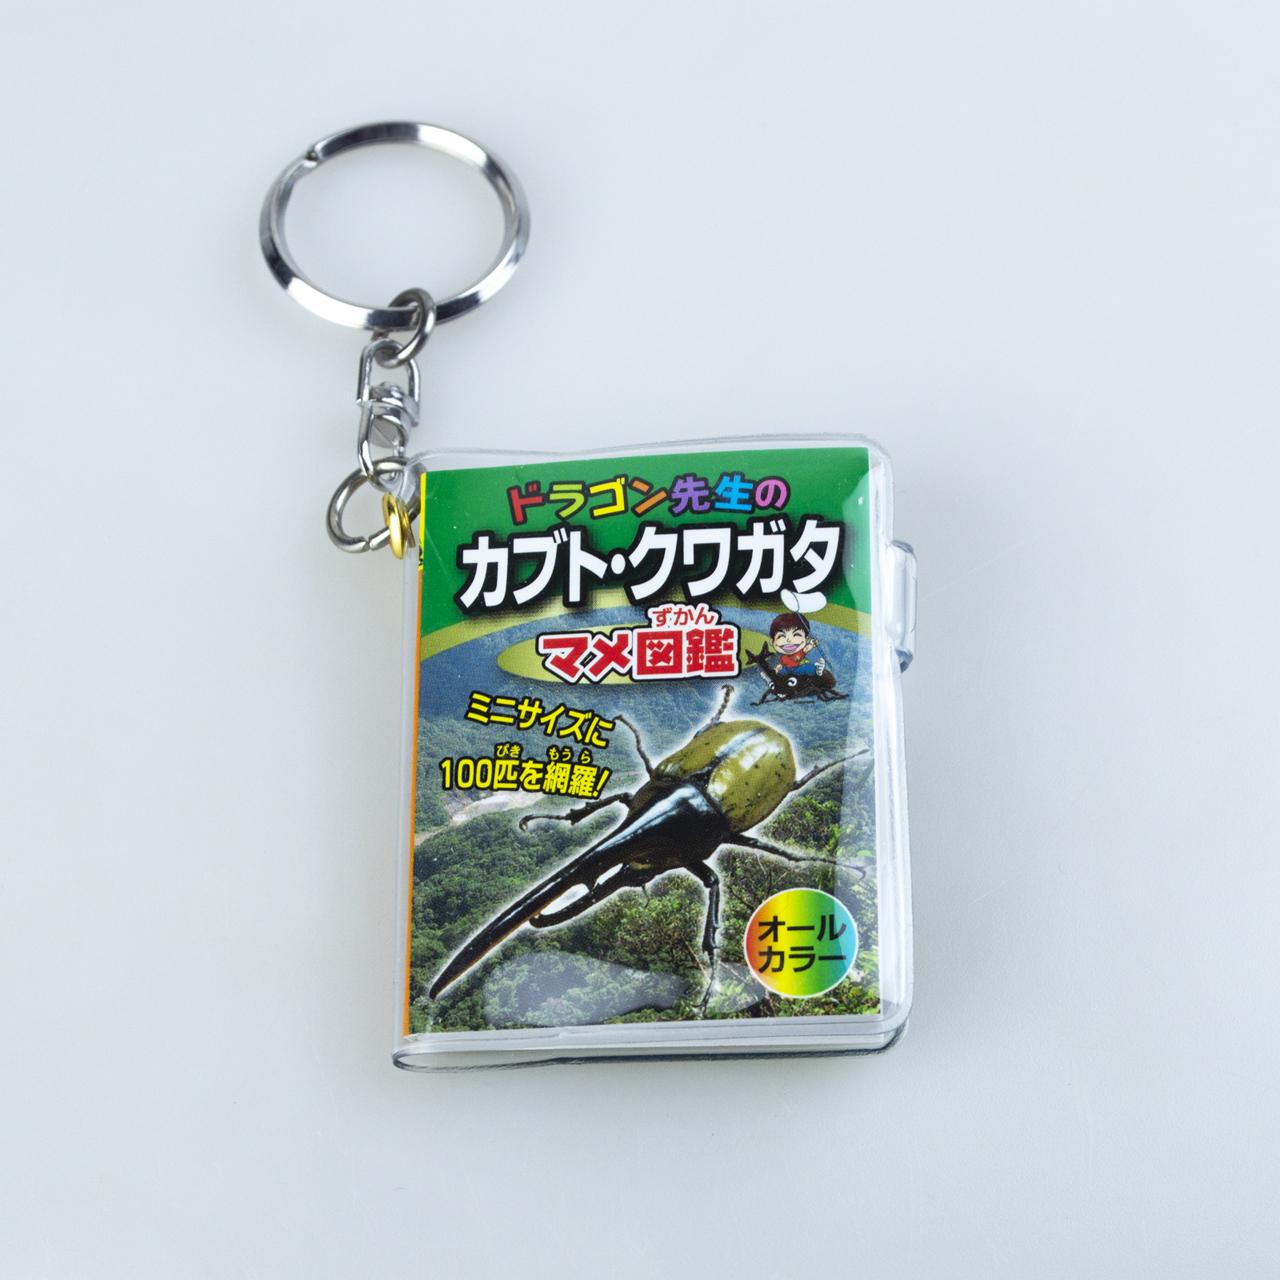 ドラゴン先生のカブト・クワガタ マメ図鑑